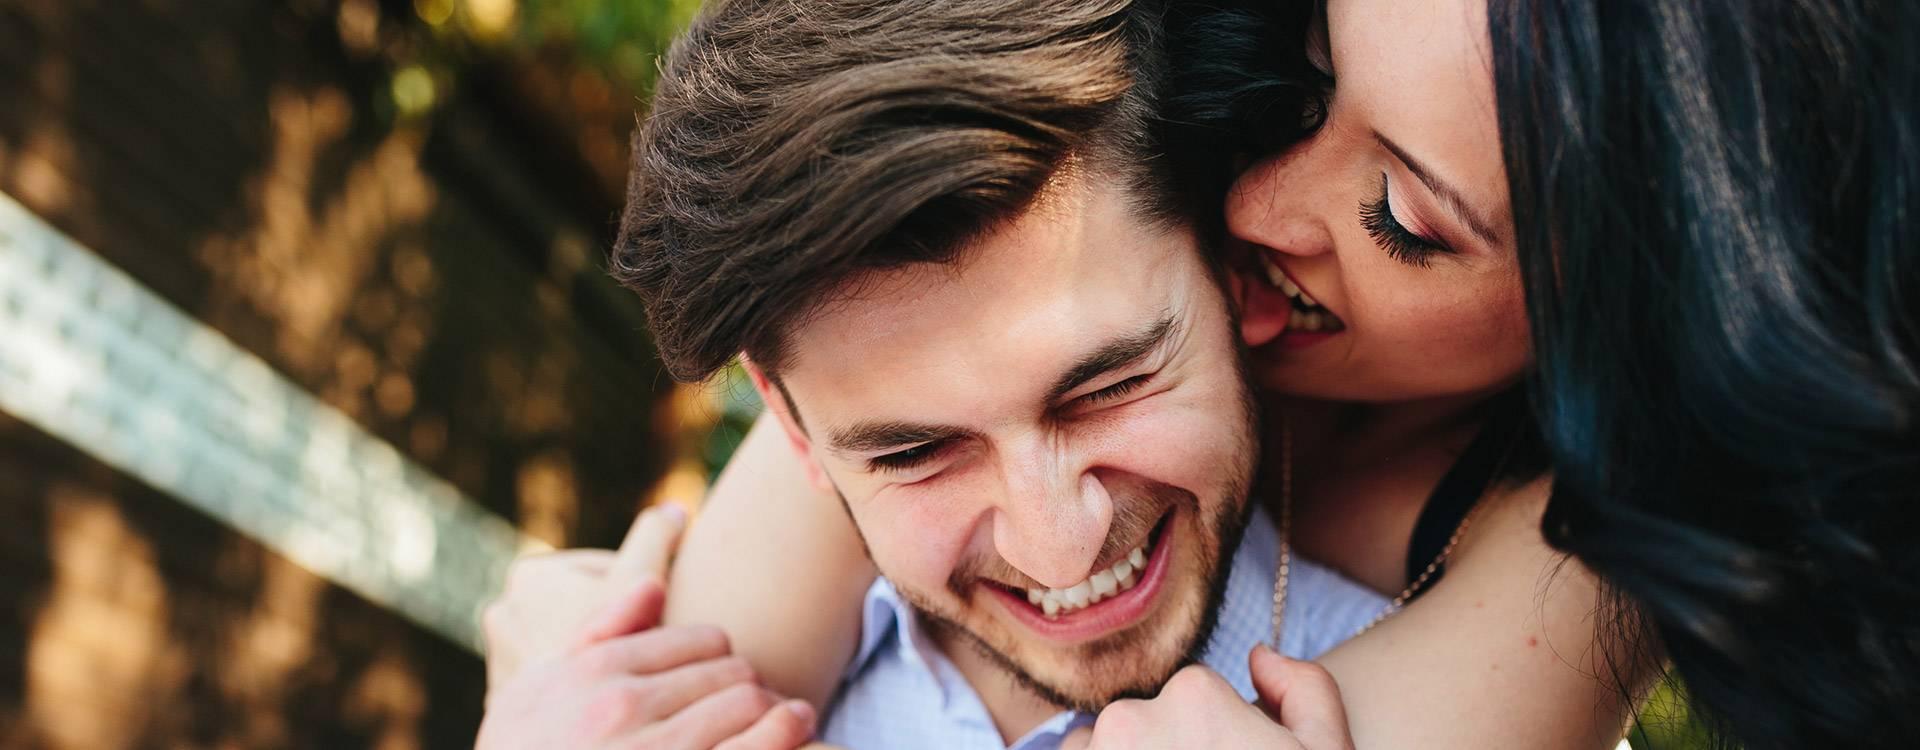 Caricias sexuales para volver loca a tu pareja